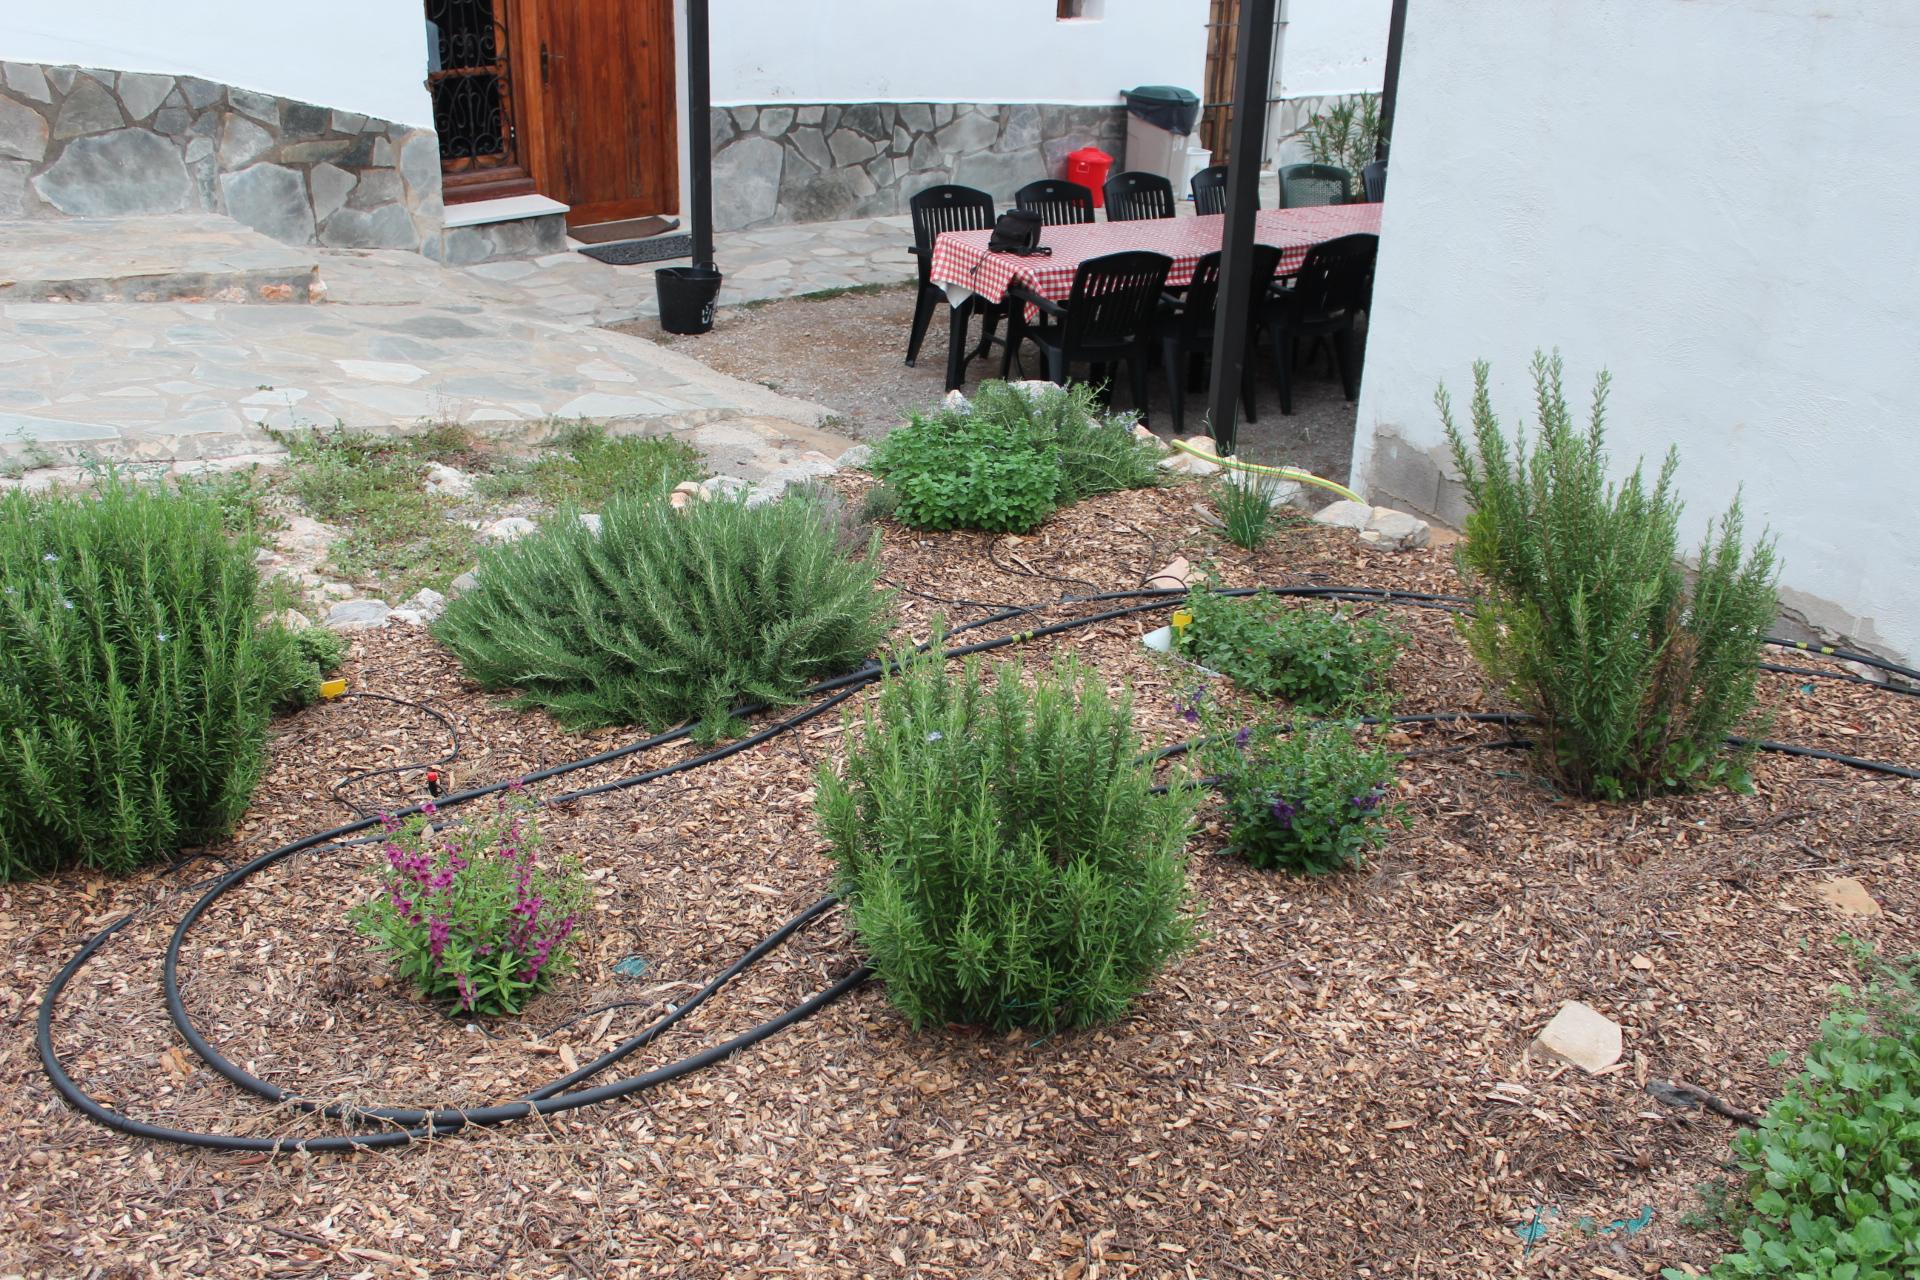 Jardin de plantas aromaticas mas a villalonga - Jardin de aromaticas ...